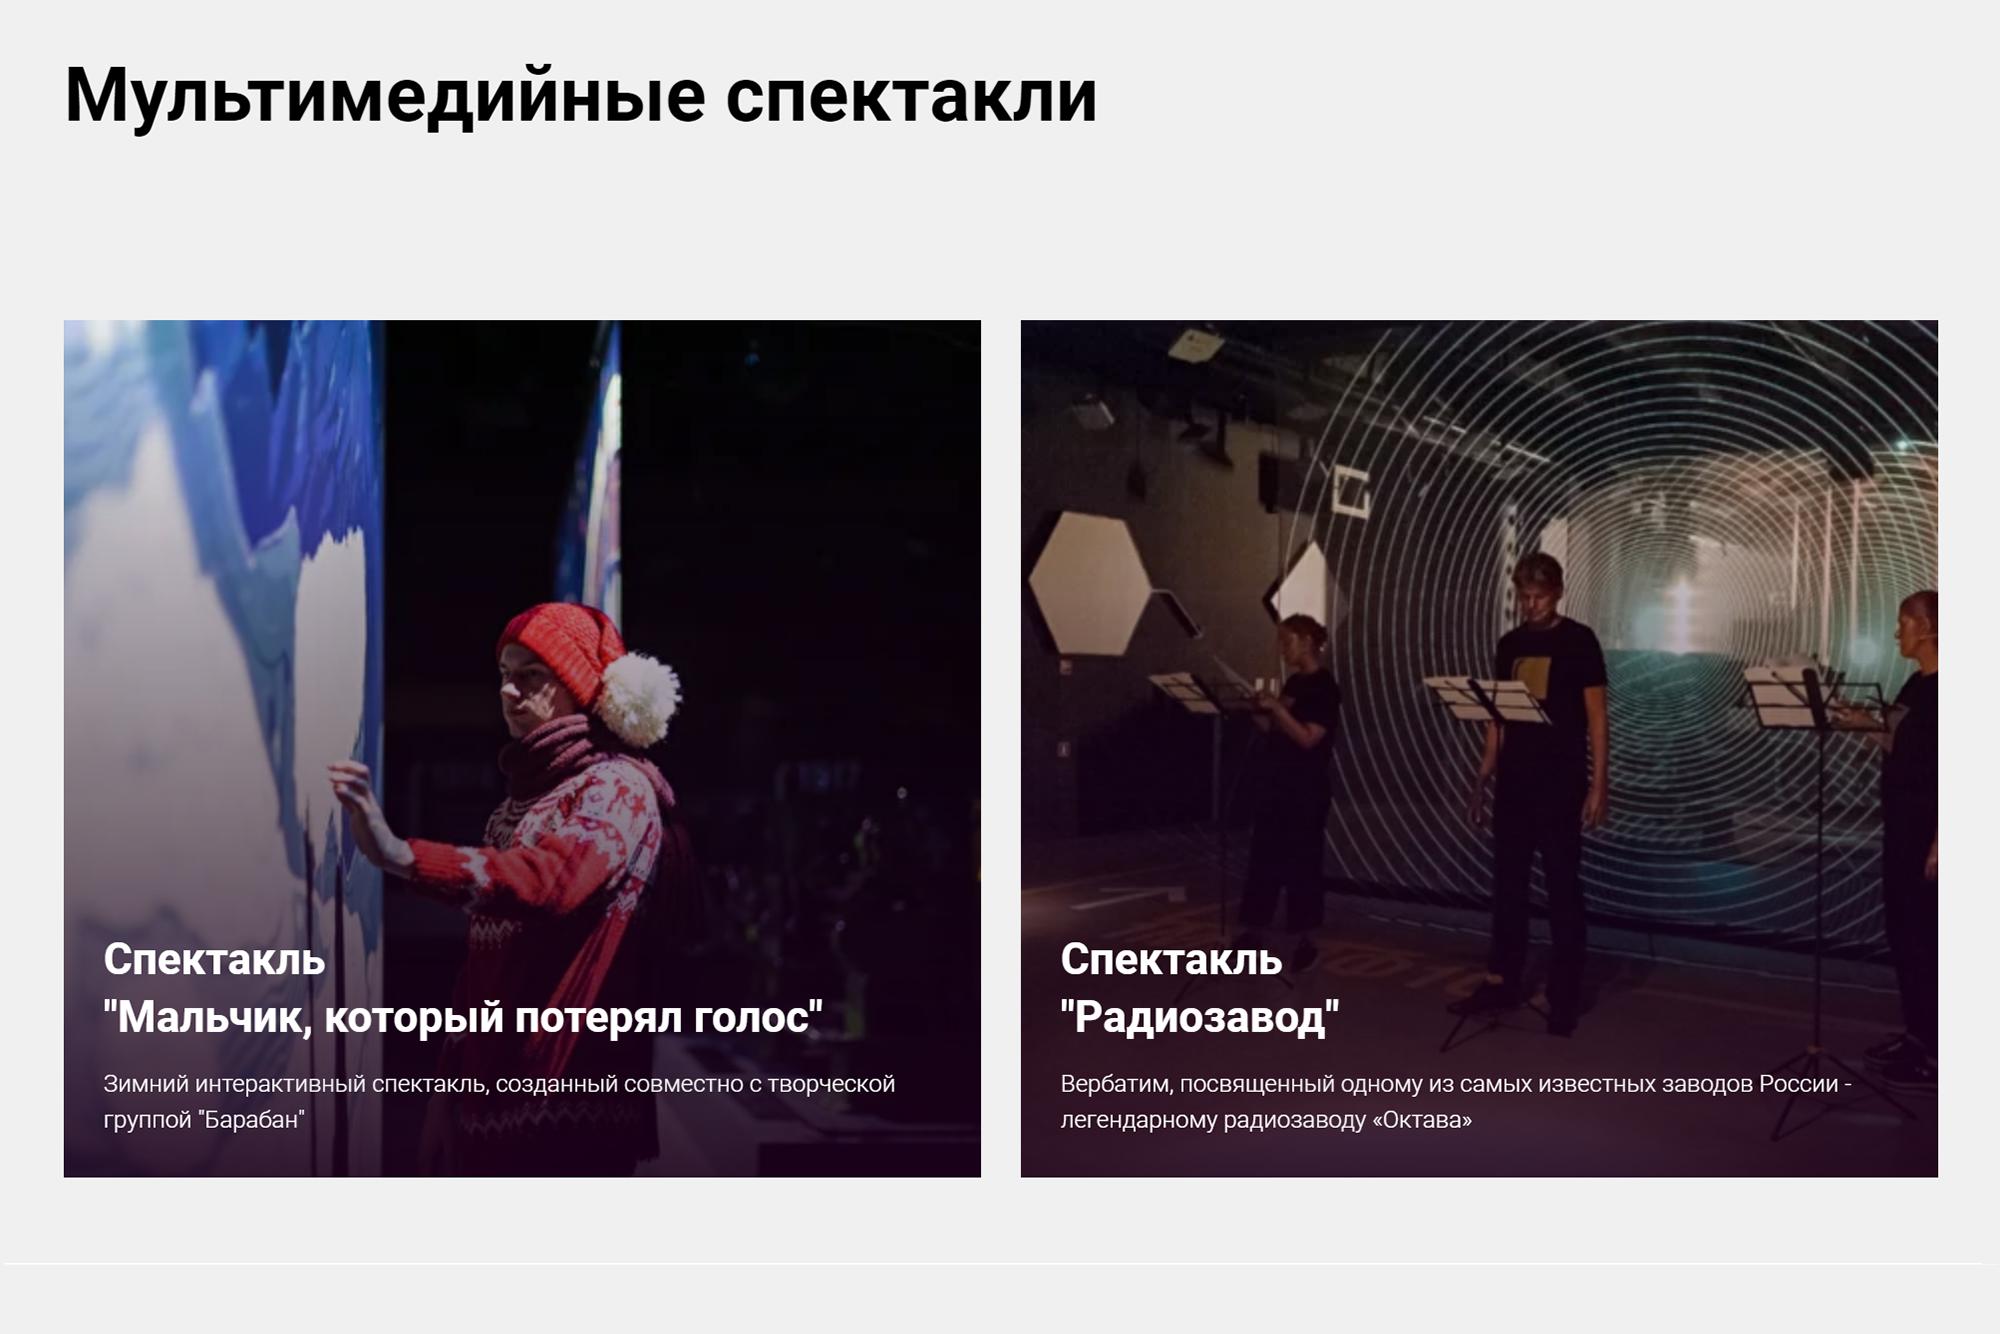 Кроме экскурсий в Музее станка проходят спектакли